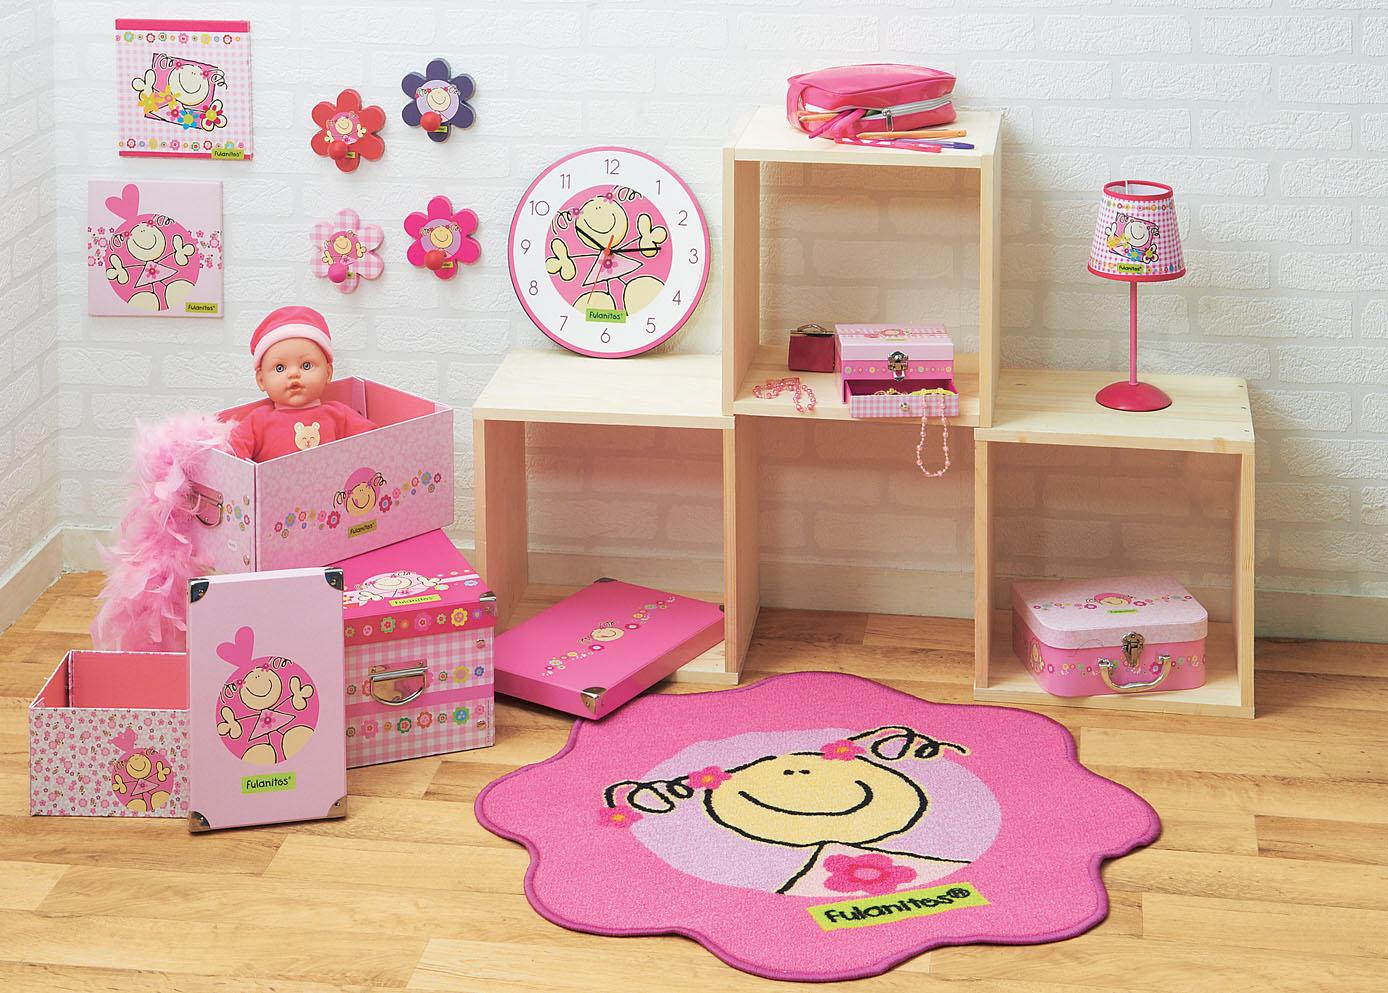 Une jolie chambre pour votre enfant avec la gamme Fulanitos chez ...